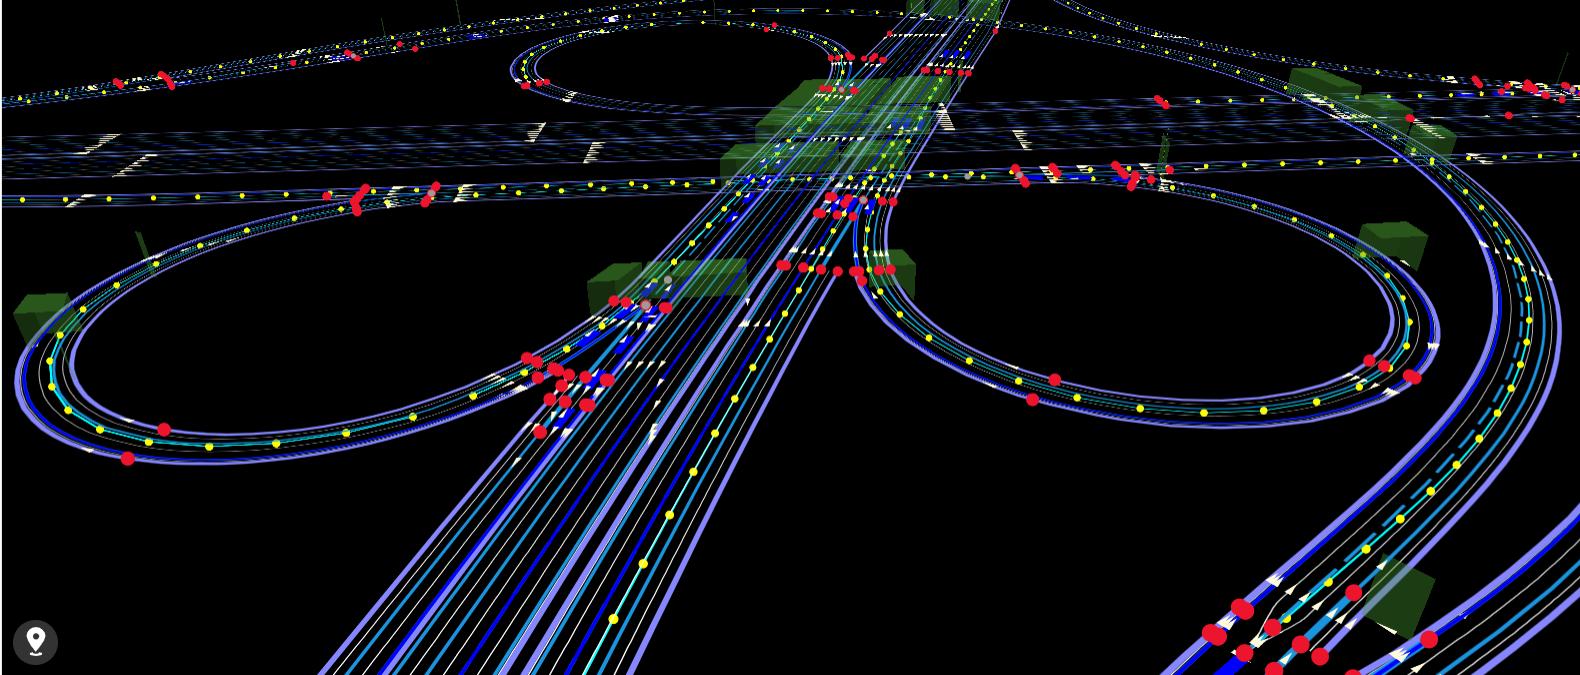 小鹏P7自动驾驶水准如何?高德高精地图说:全场景厘米级定位